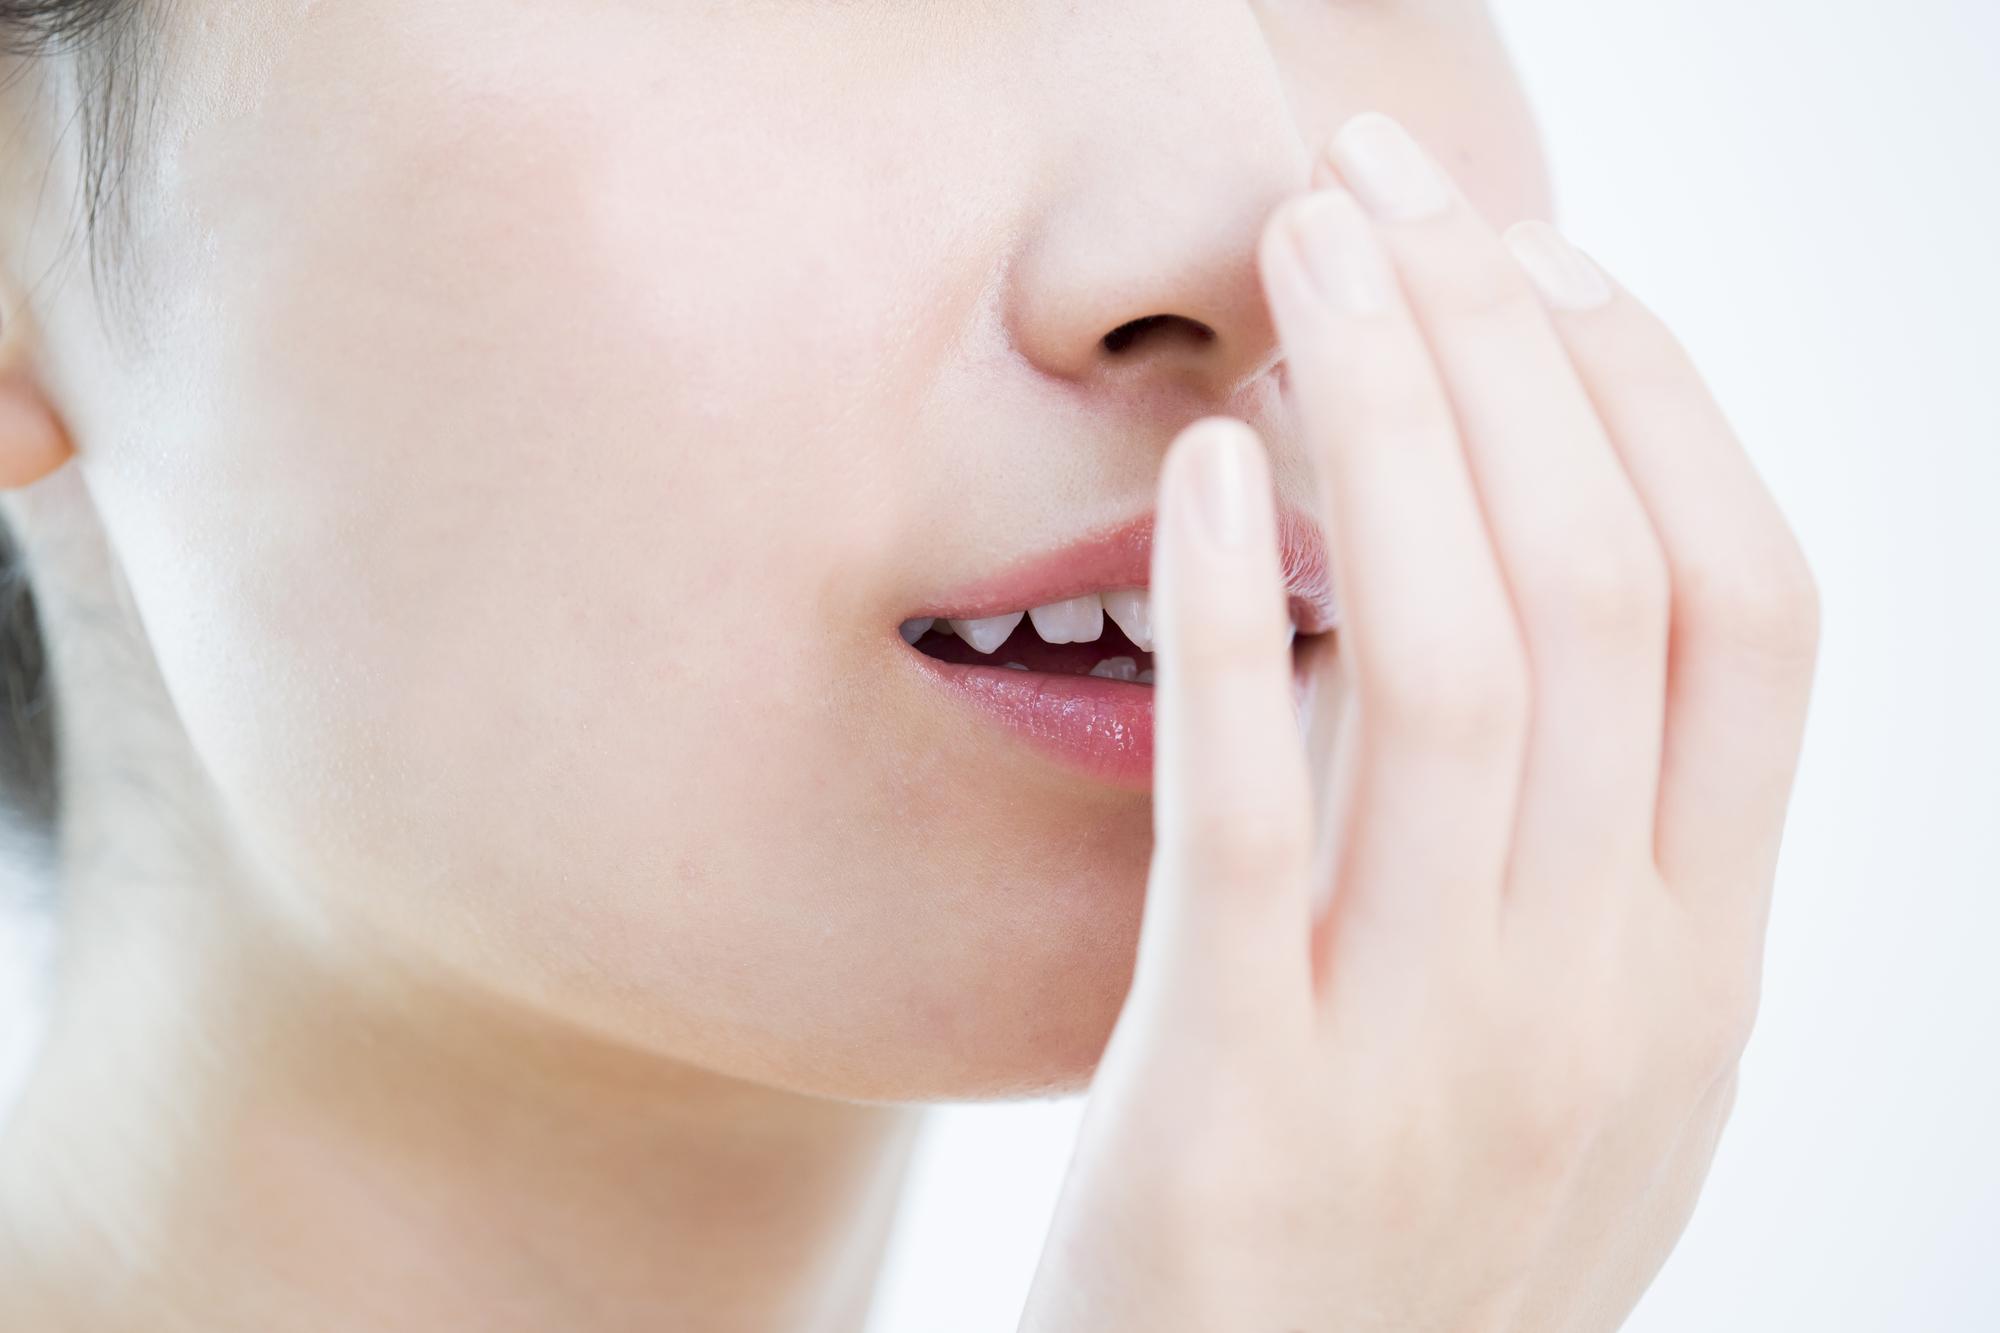 口が乾いてネバつく、口臭が気になる… ドライマウスの原因と対処法